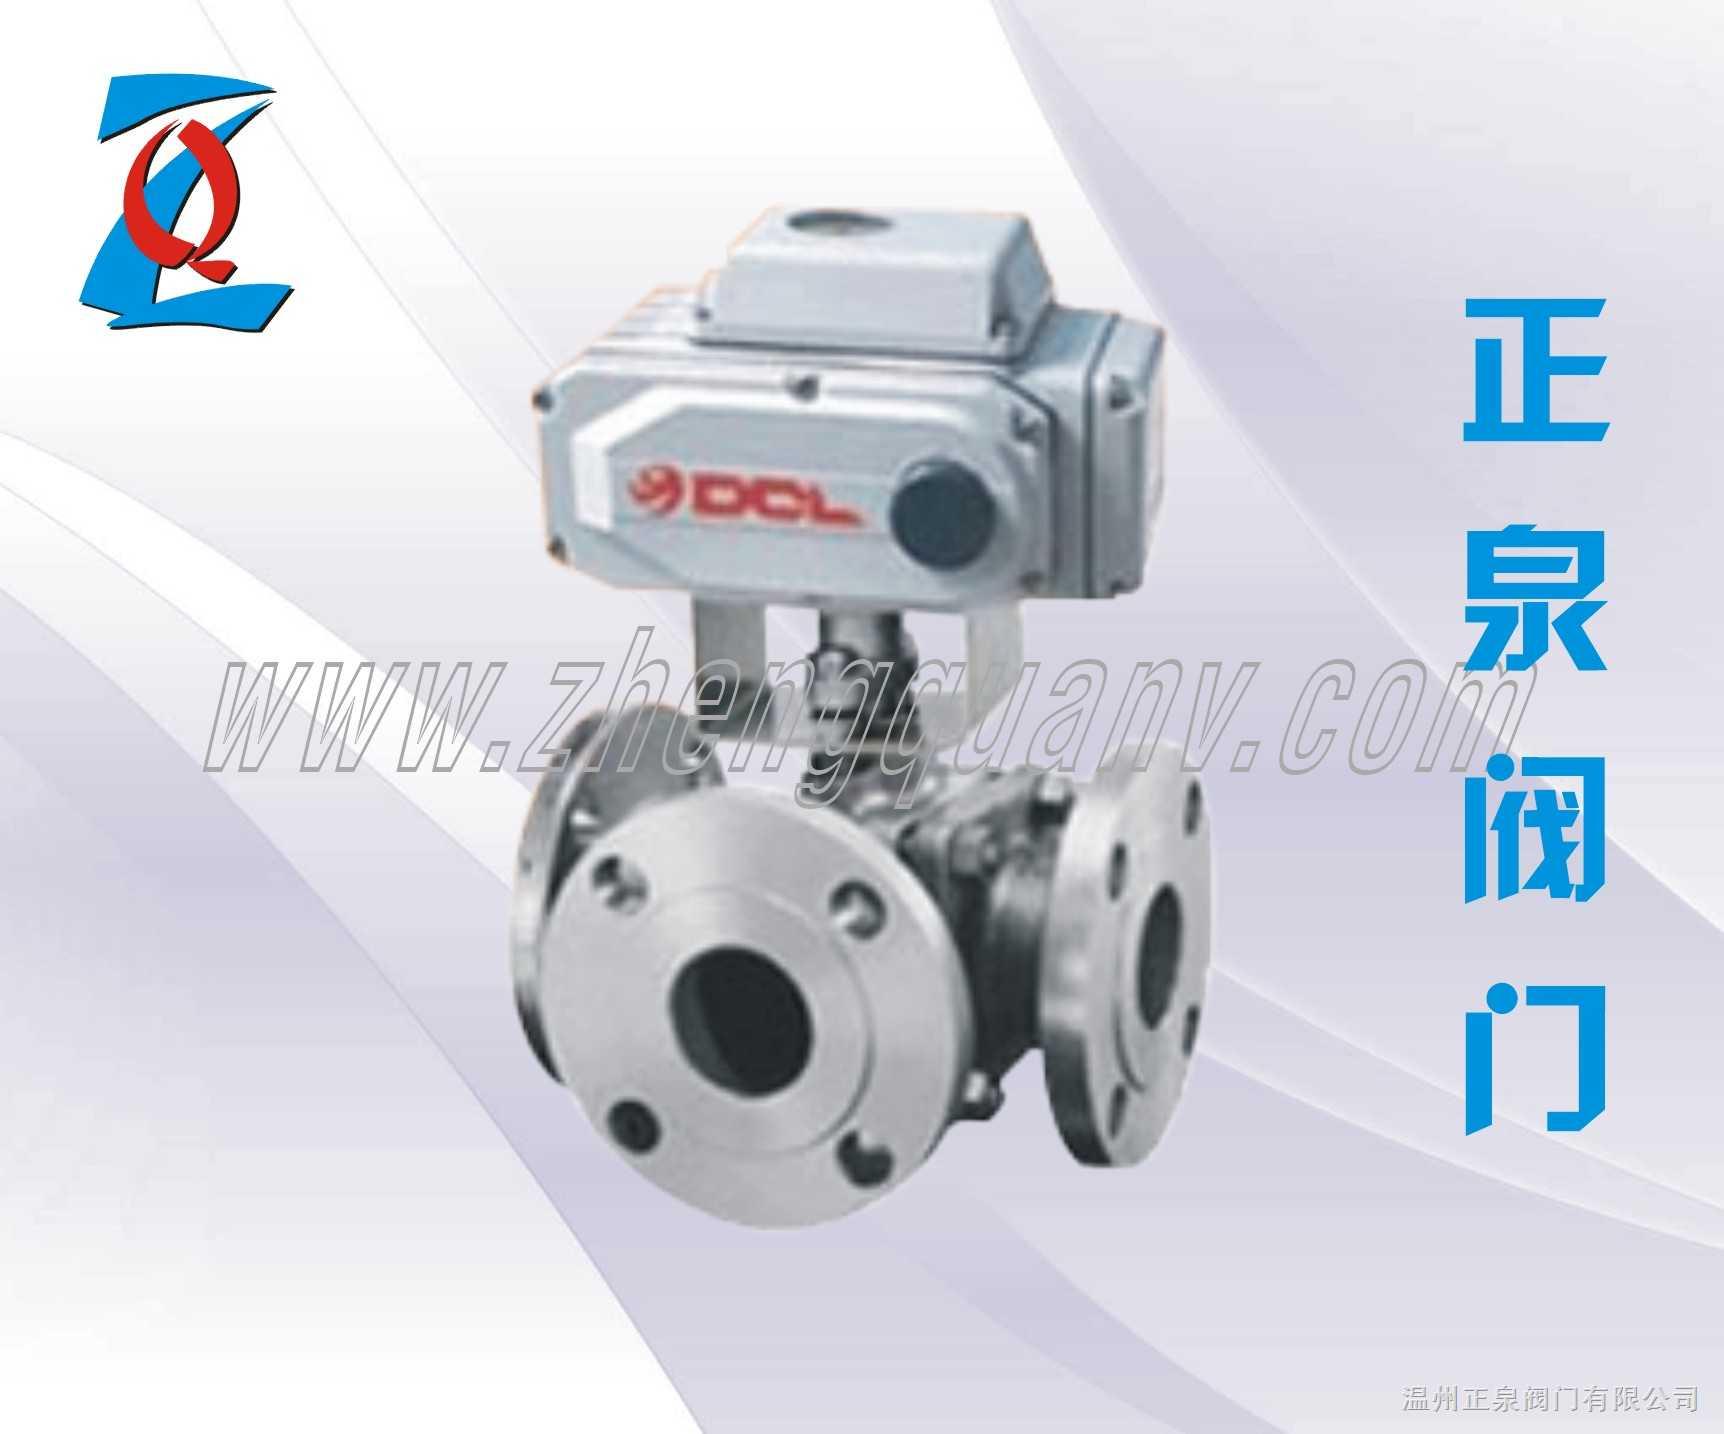 L形(Q944F) T形(Q945F)电动三通球阀